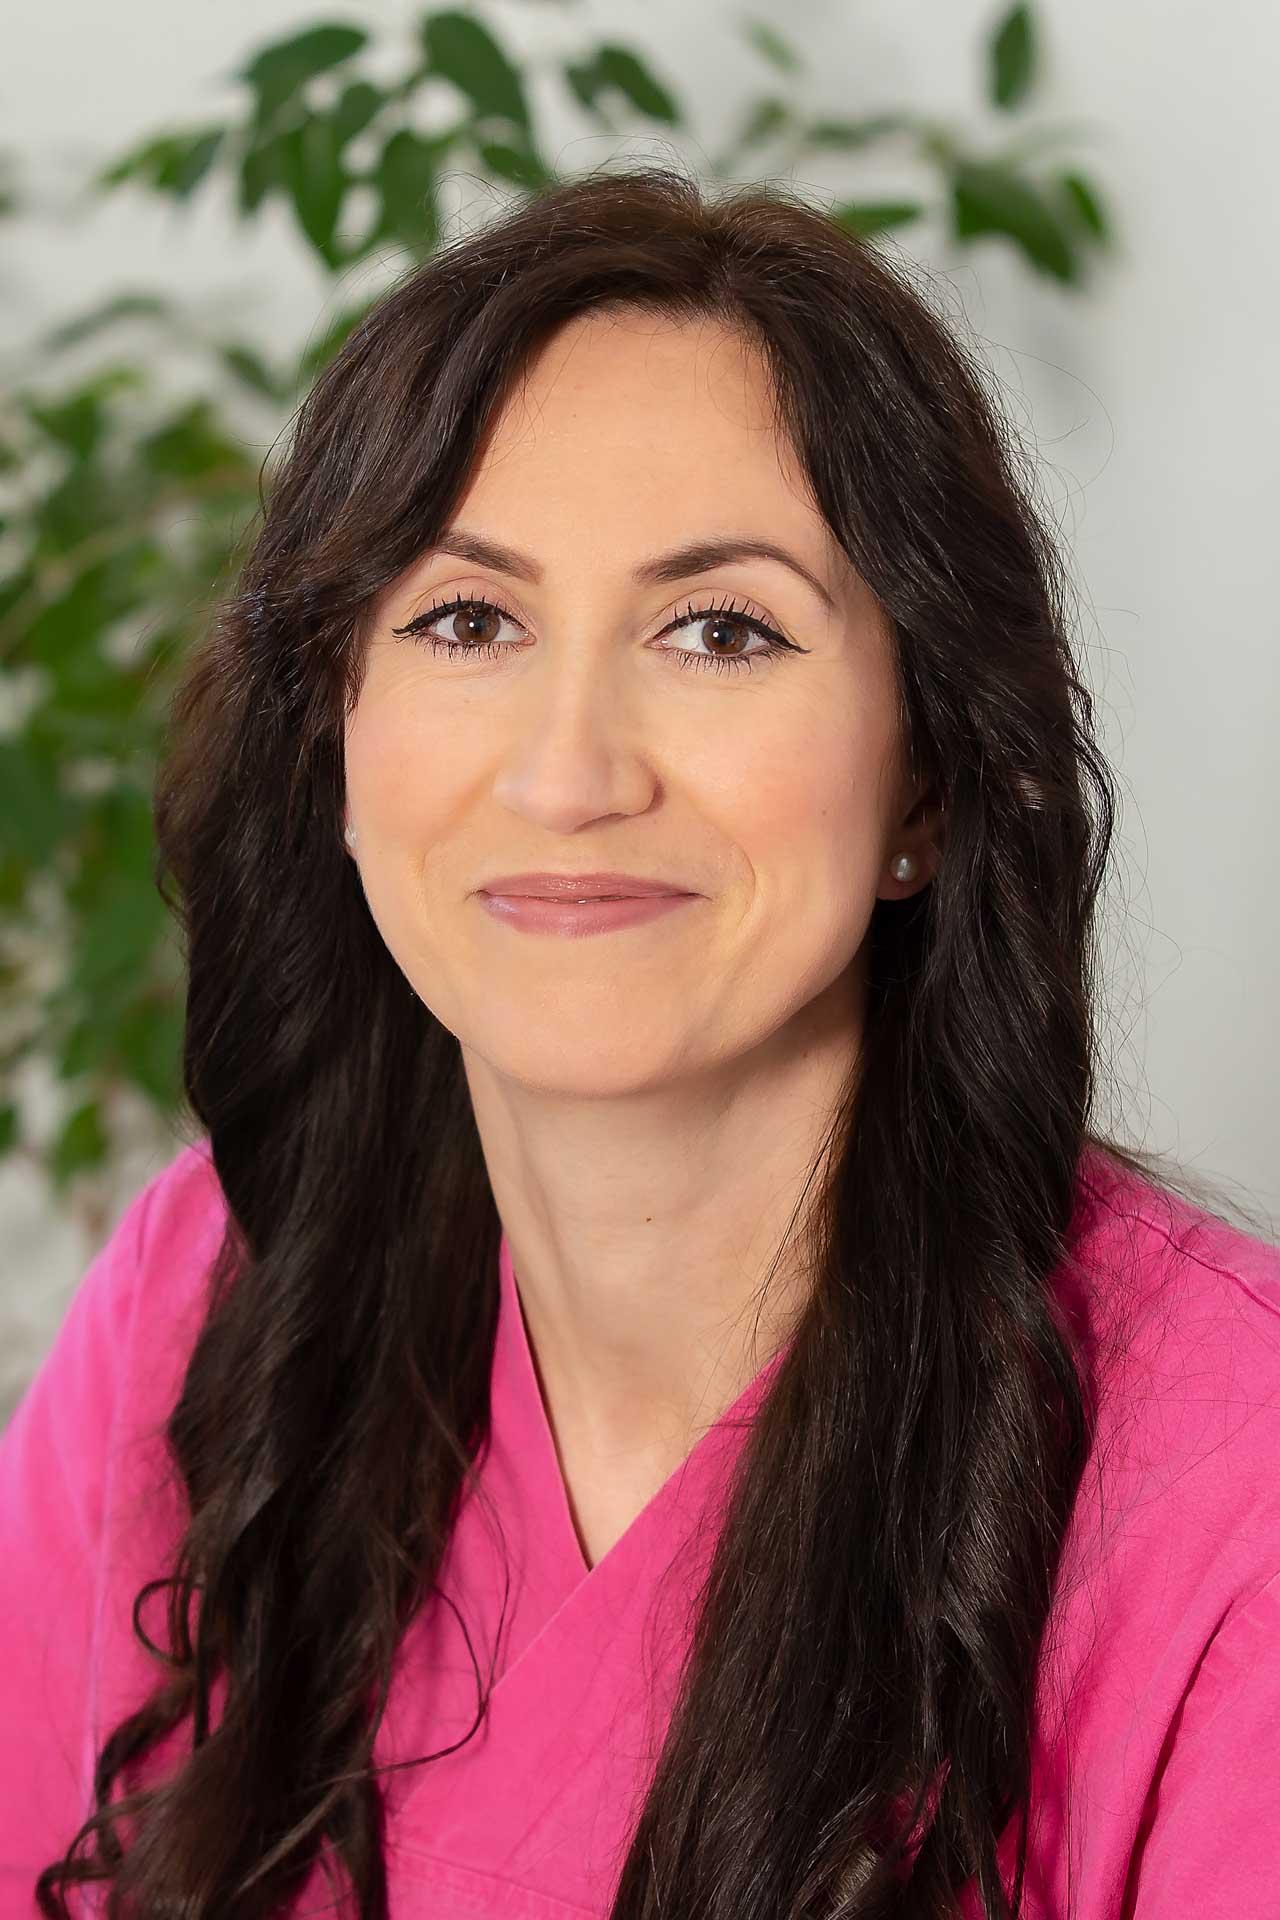 Edisa Muratovic